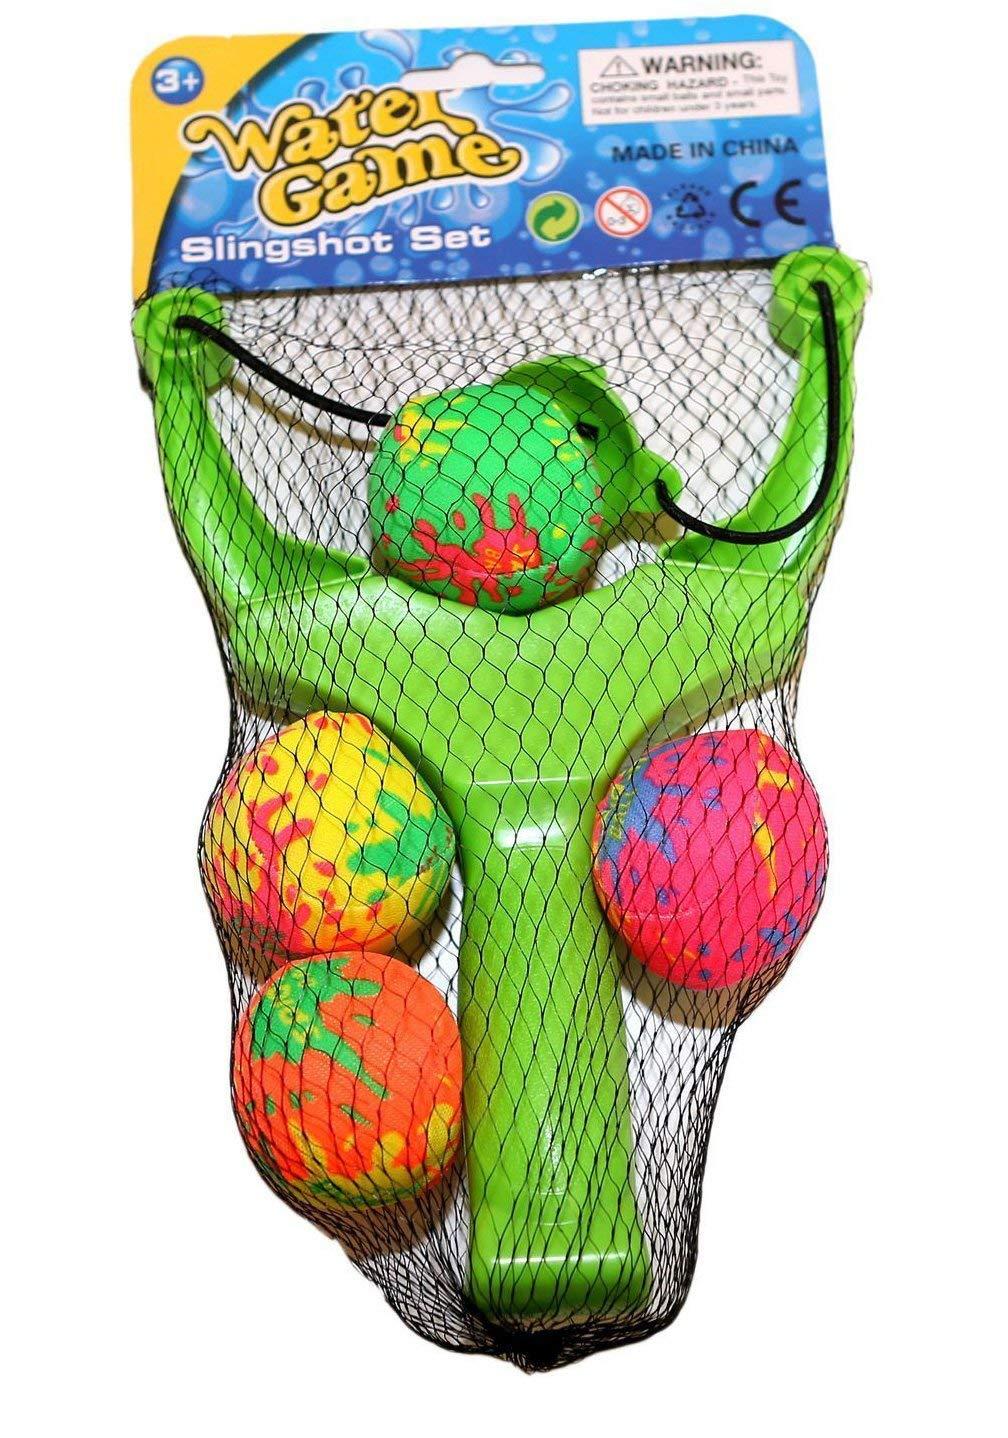 The Toy Company Wasserbomben Schleuder fü r Pool 4 Sü ck Splash Ball greework